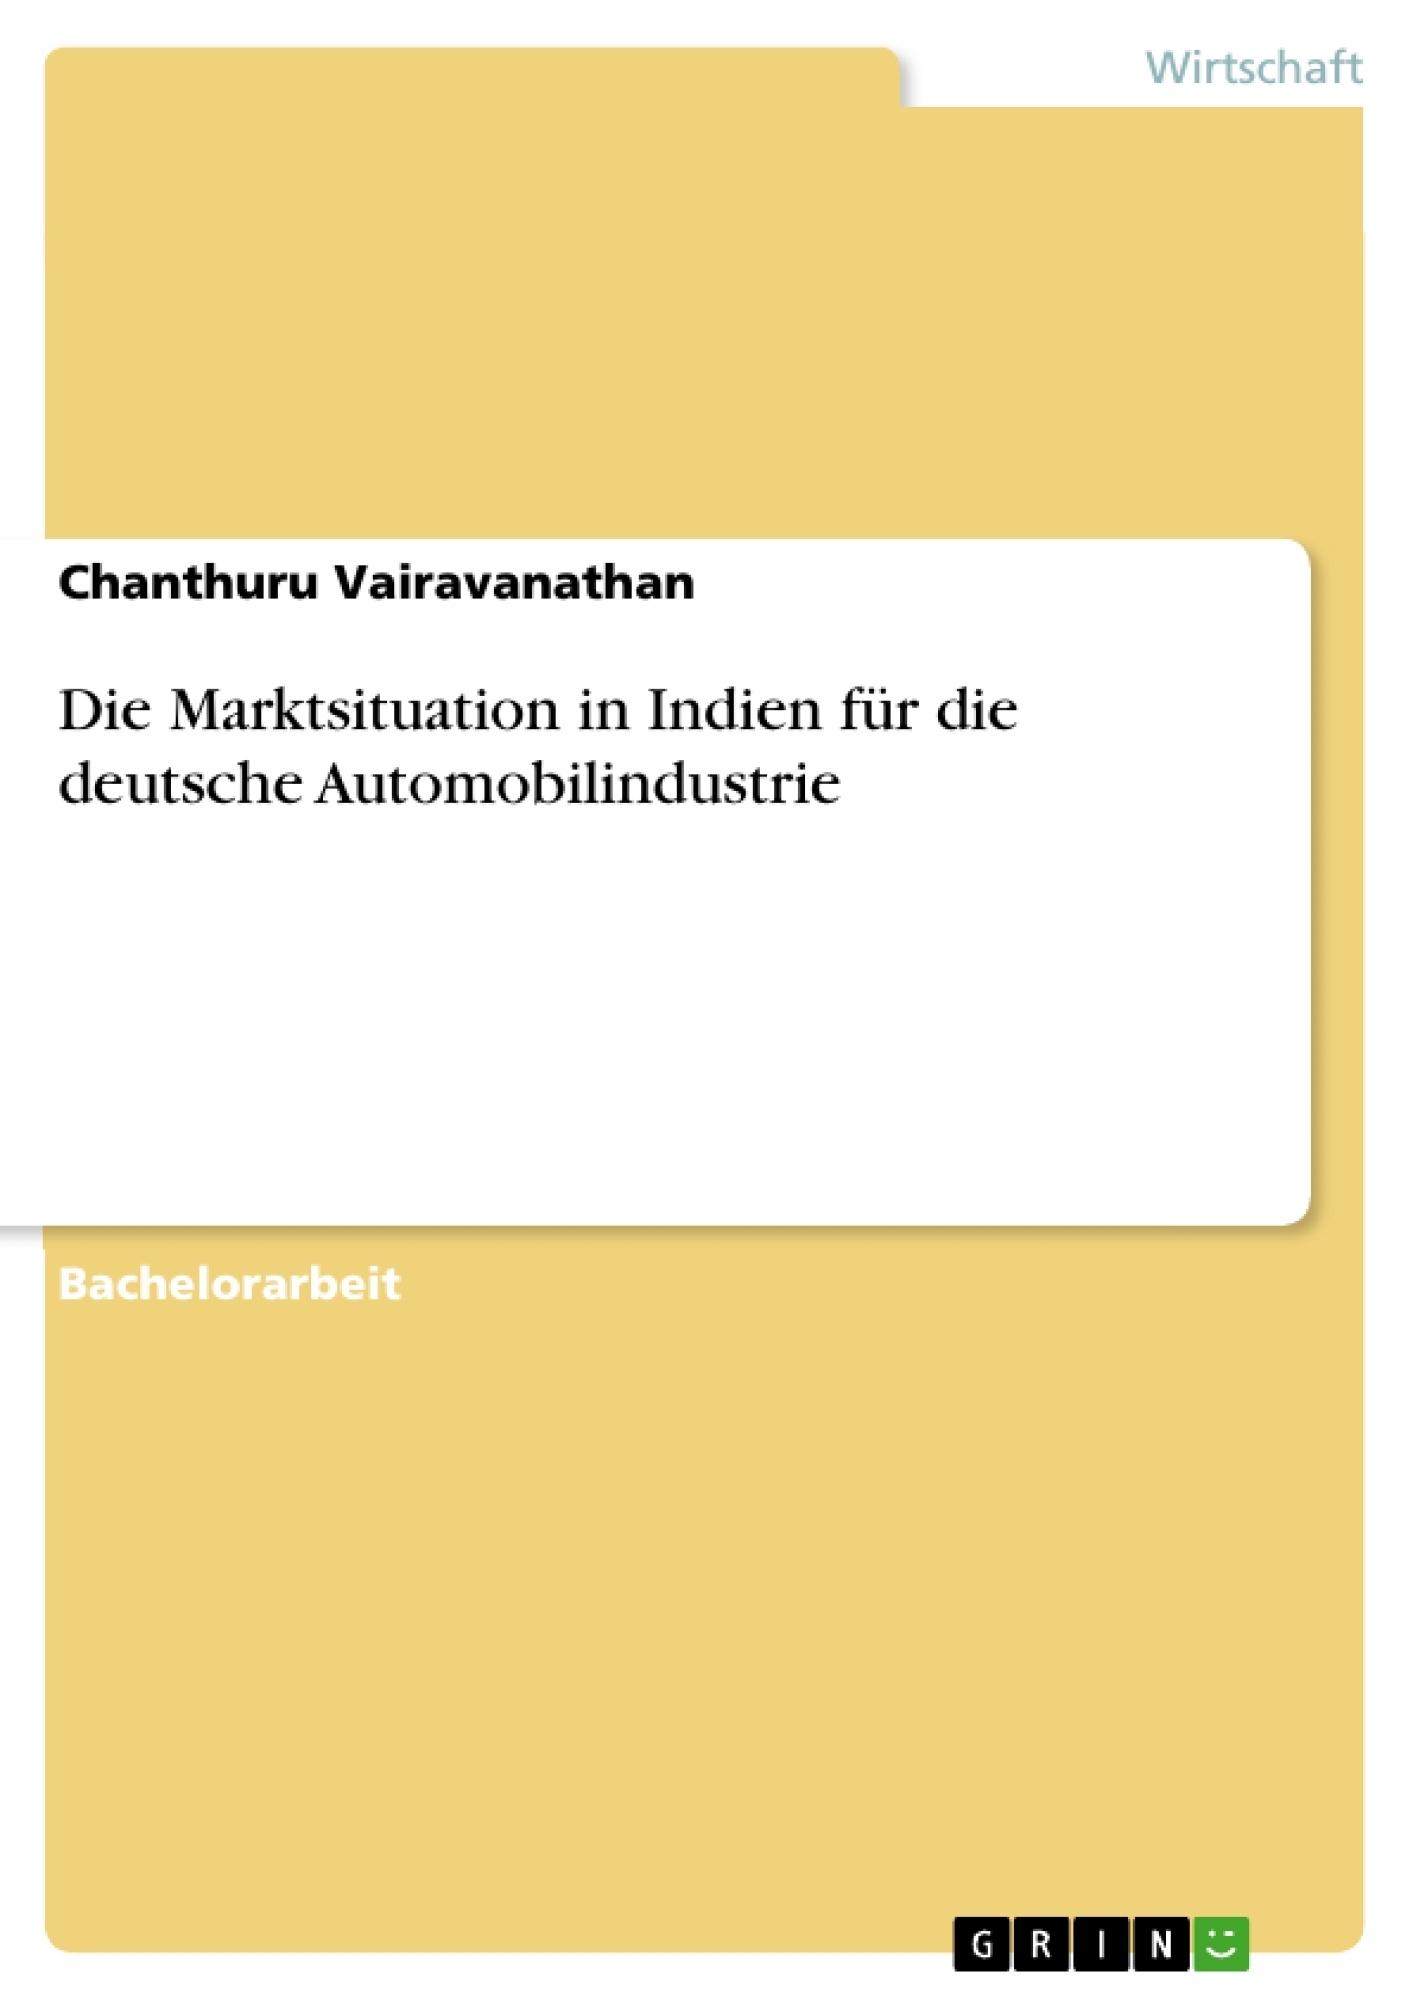 Titel: Die Marktsituation in Indien für die deutsche Automobilindustrie